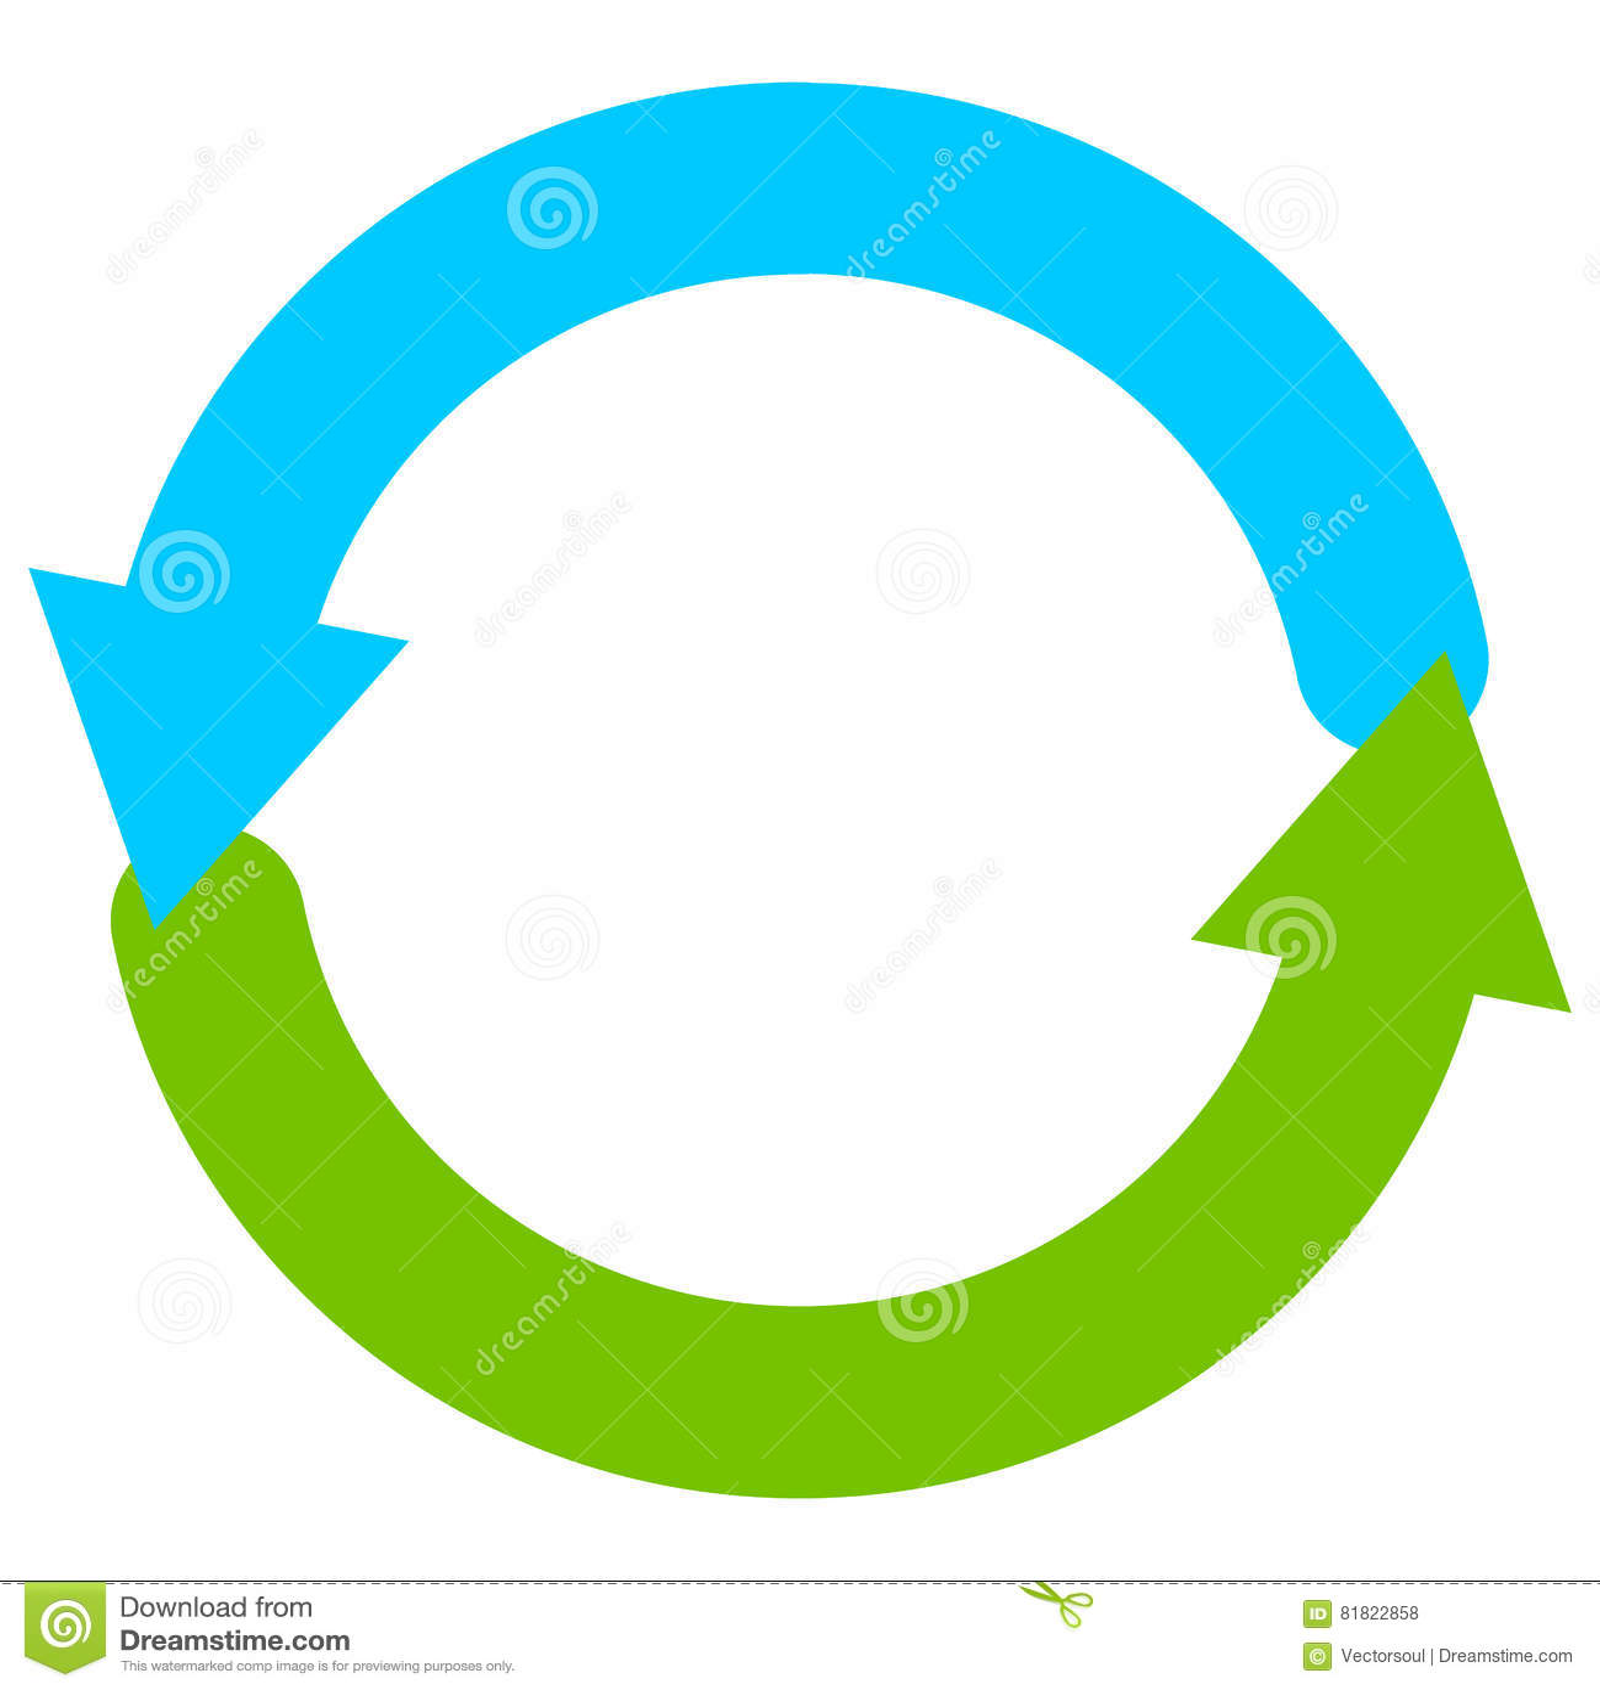 Blue And Green Circular Arrow Symbol / Icon Stock Vector